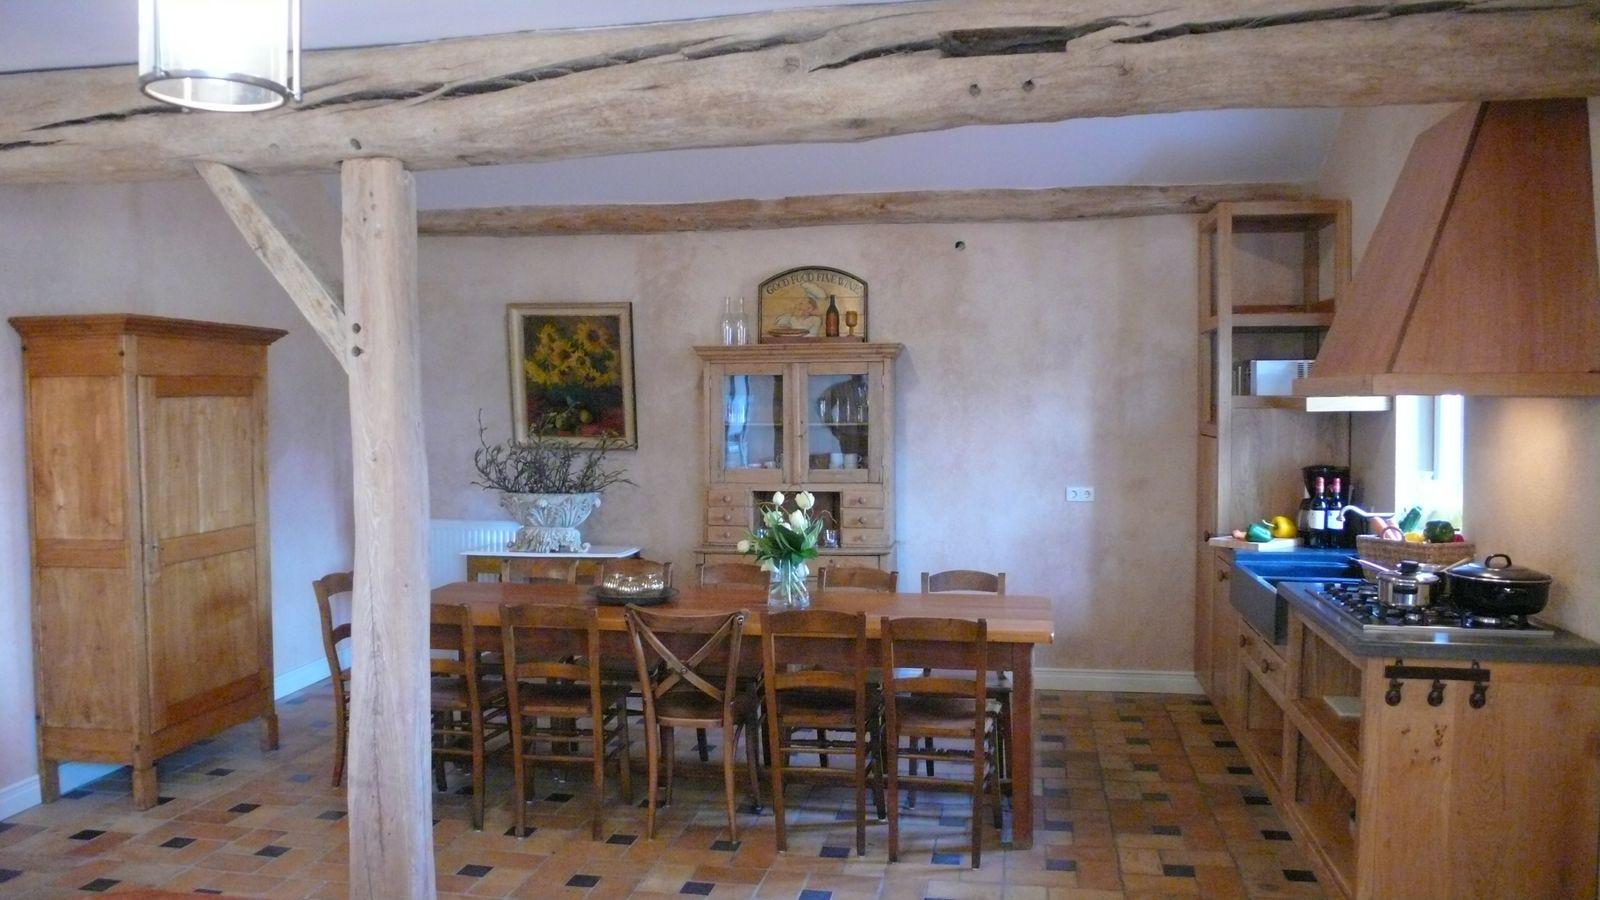 Afbeelding van Limburgse Carrehoeve Flab - vakantiehuis Zuid-Limburg voor een weekendje weg